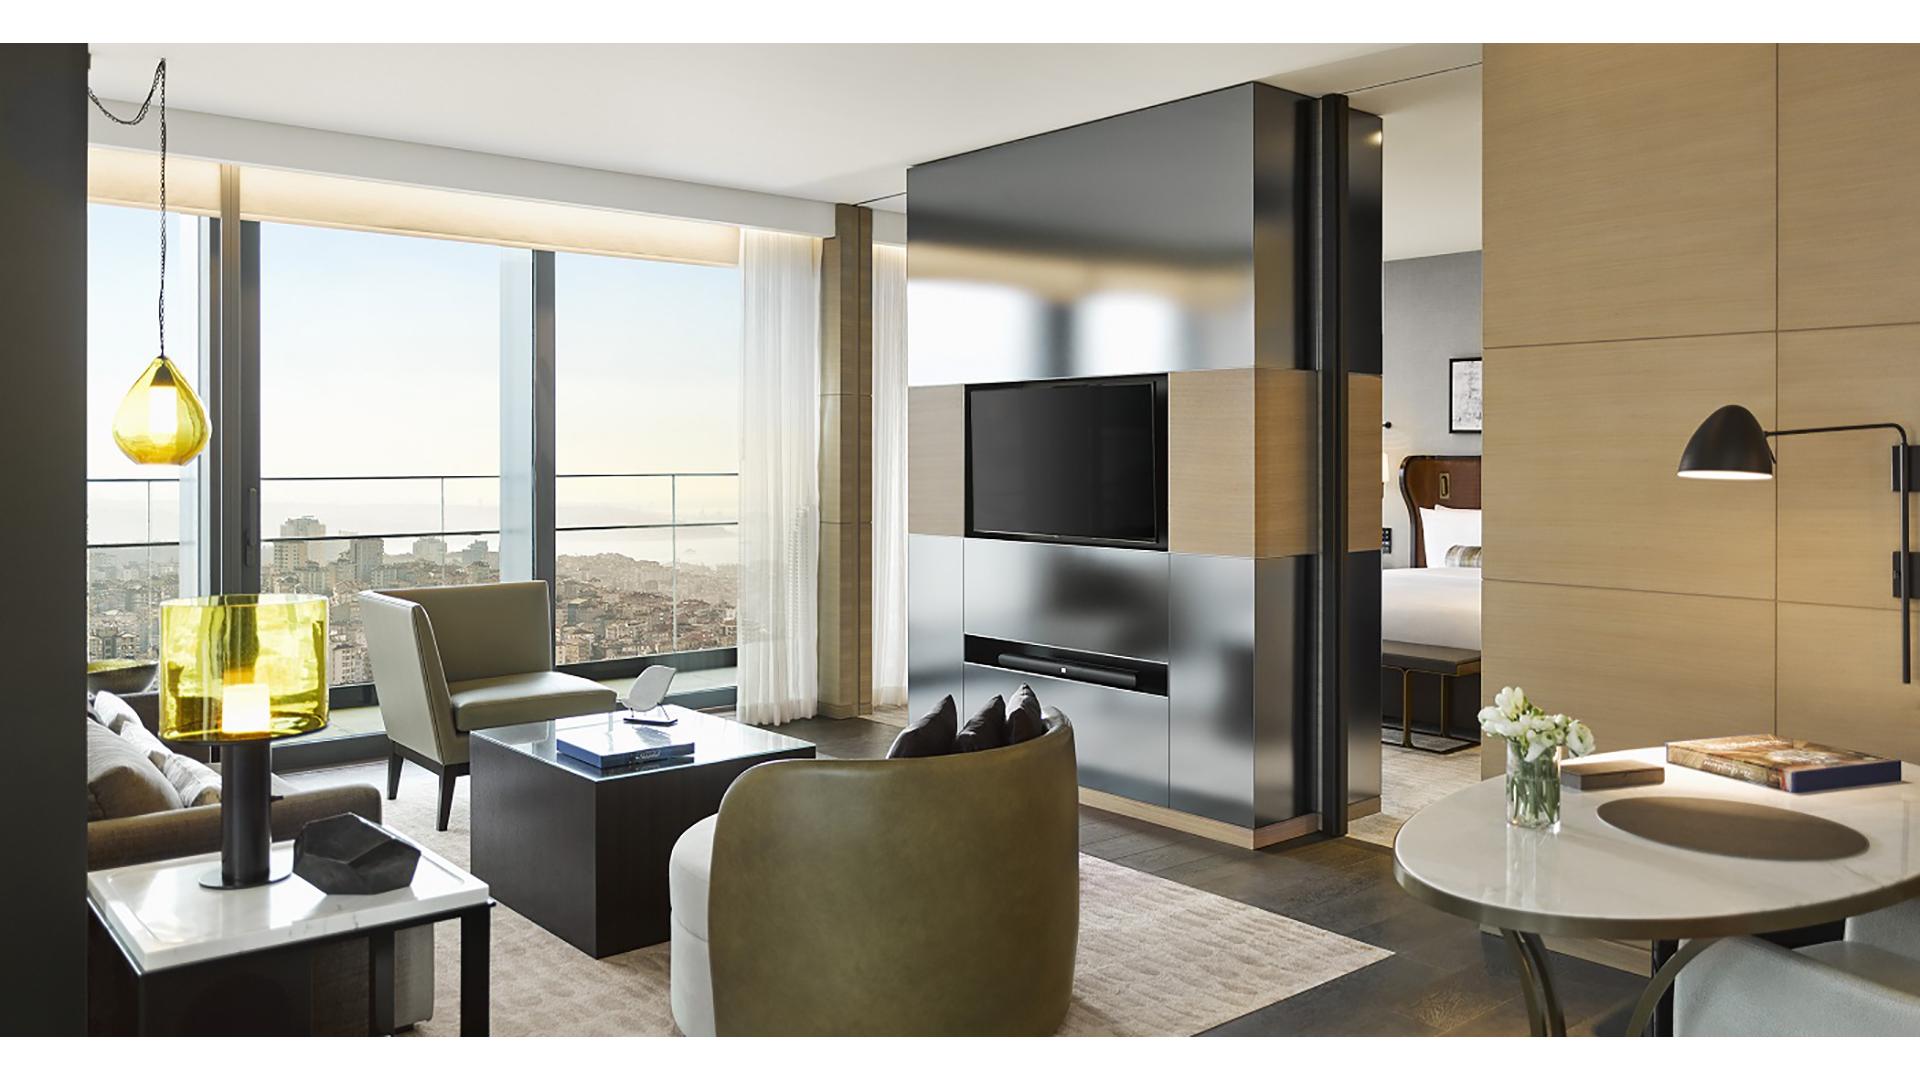 Fairmont-Quasar-Istanbul-Grand-One-Bedroom-Suite